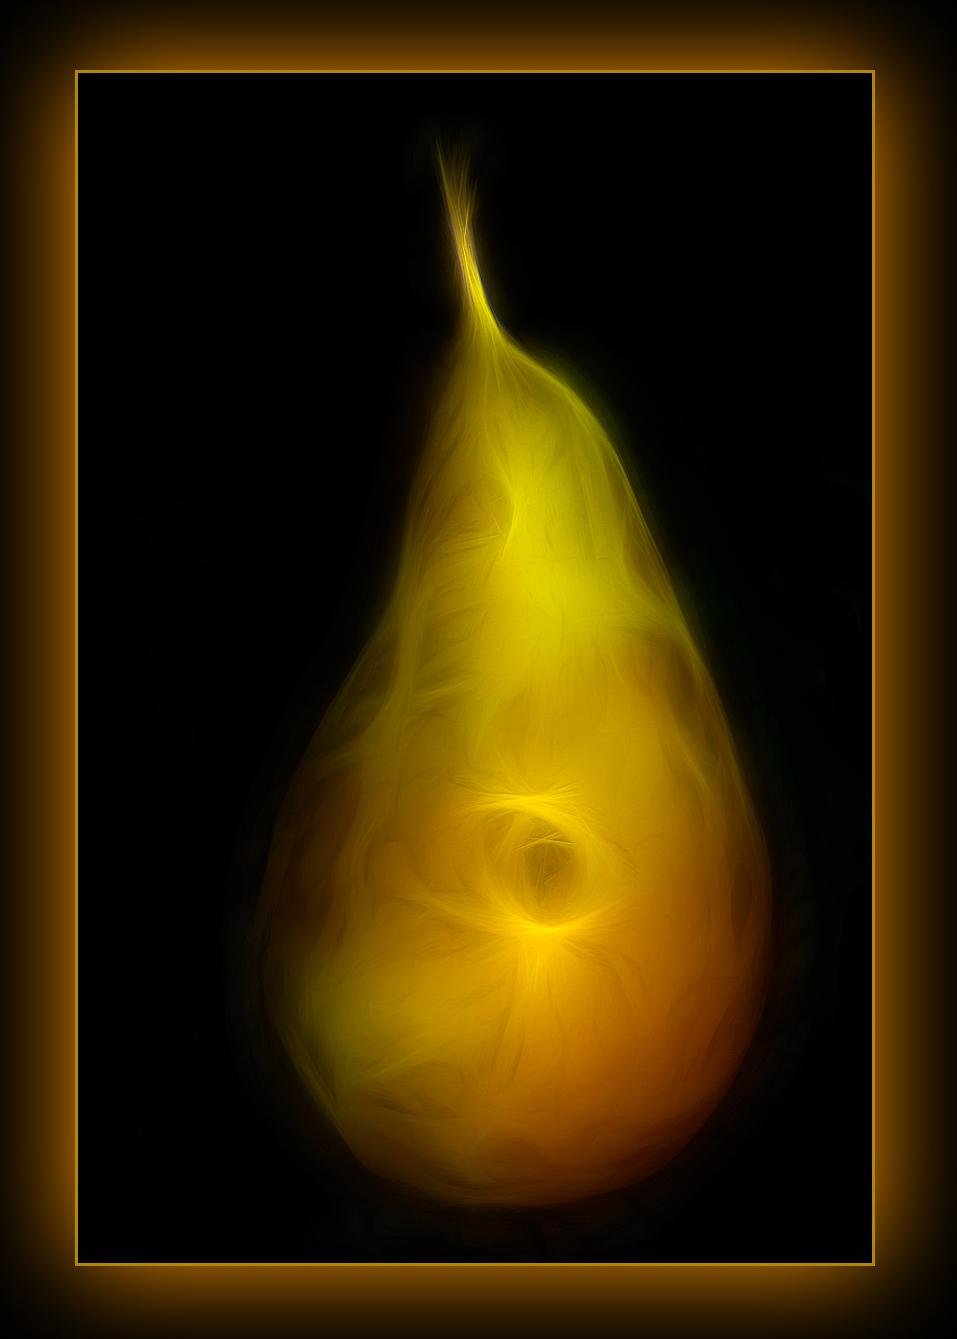 Vintage Pear